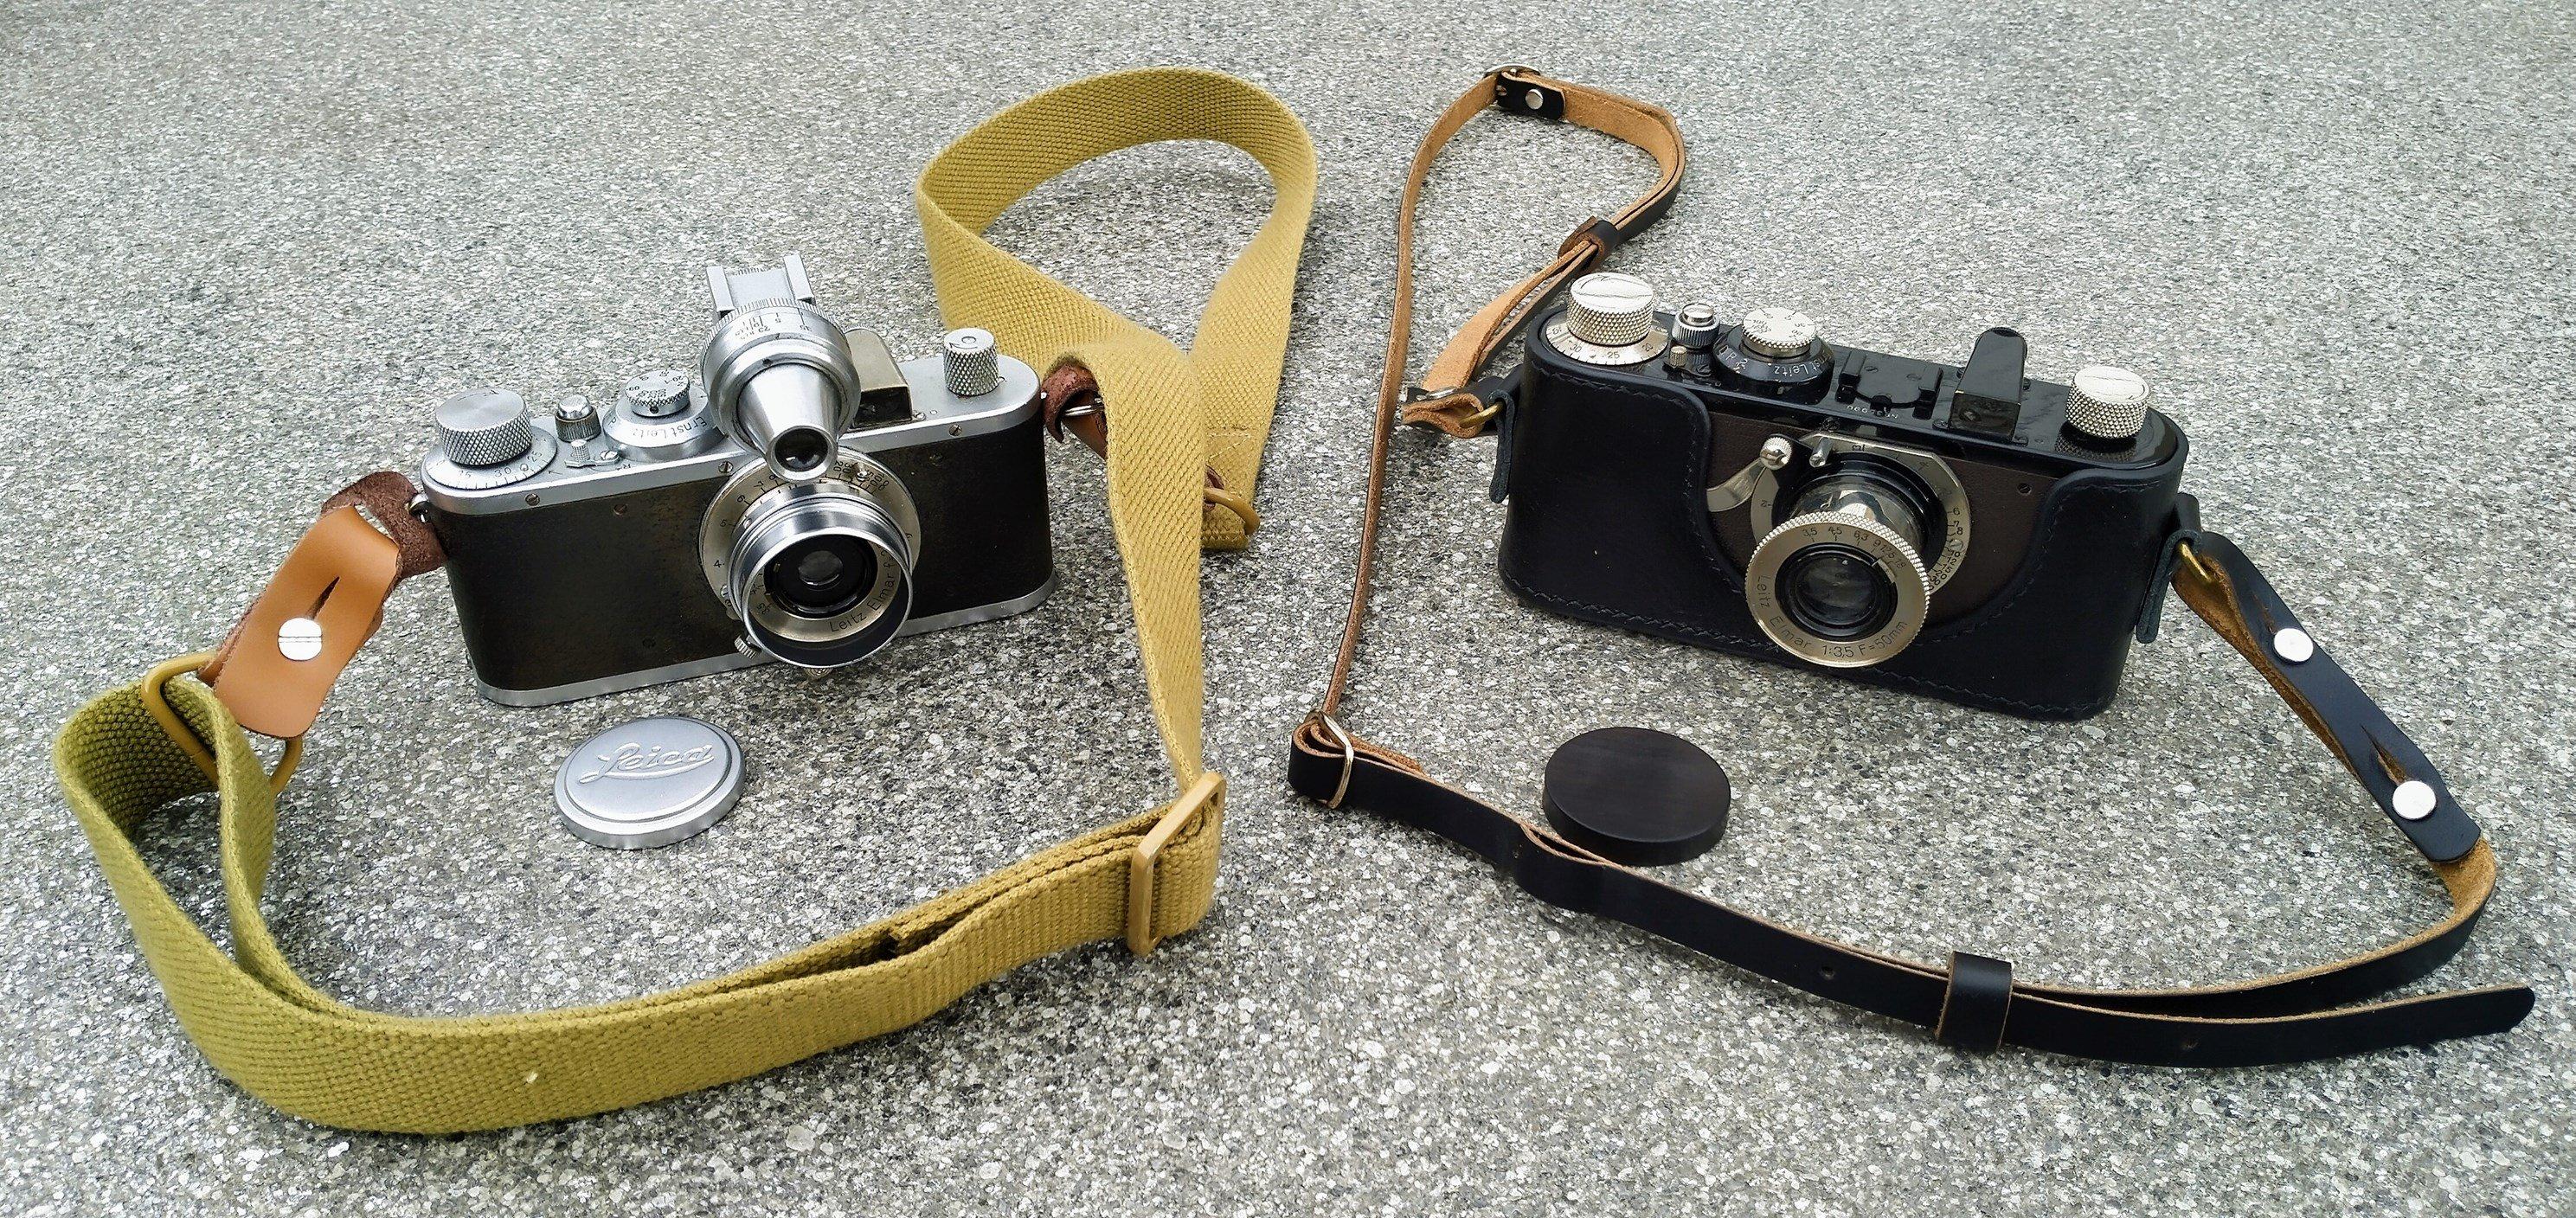 LeicaIpair.jpg